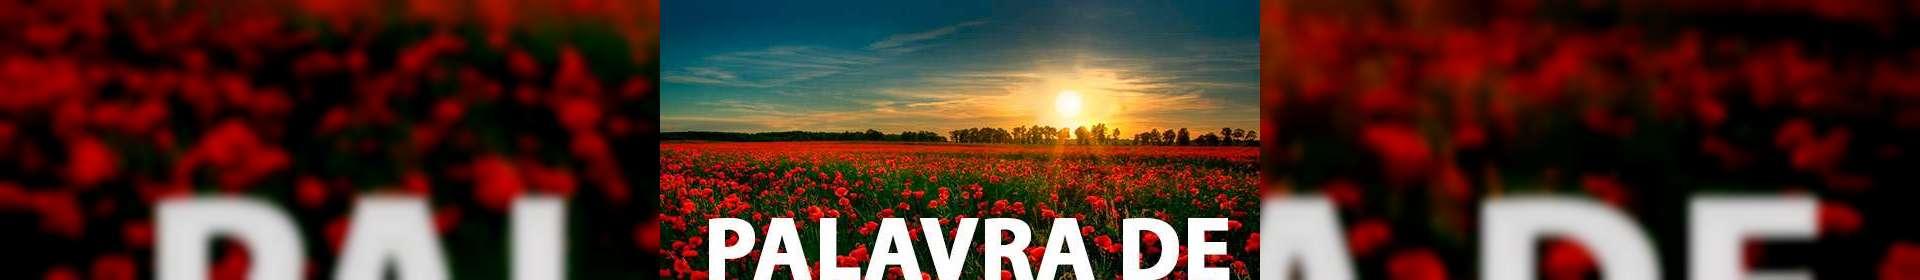 Salmos 42:5 - Uma Palavra de Esperança para sua vida